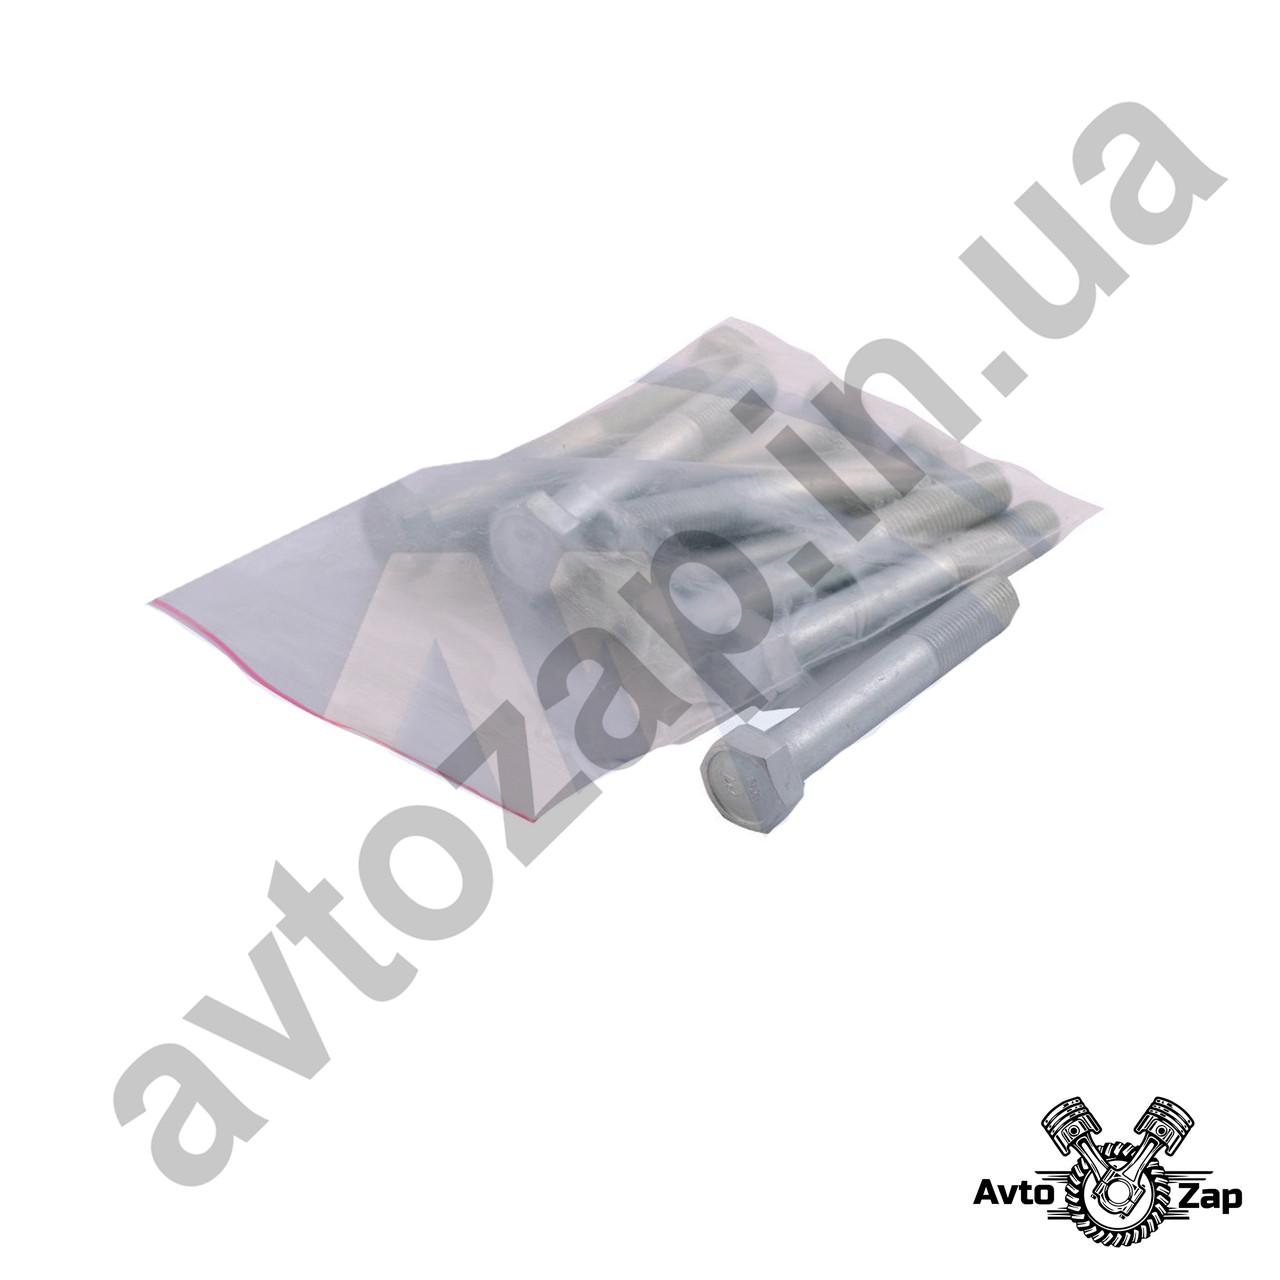 Болт М12х80 штанги реактивной,КПП ВАЗ 2101-07     15240